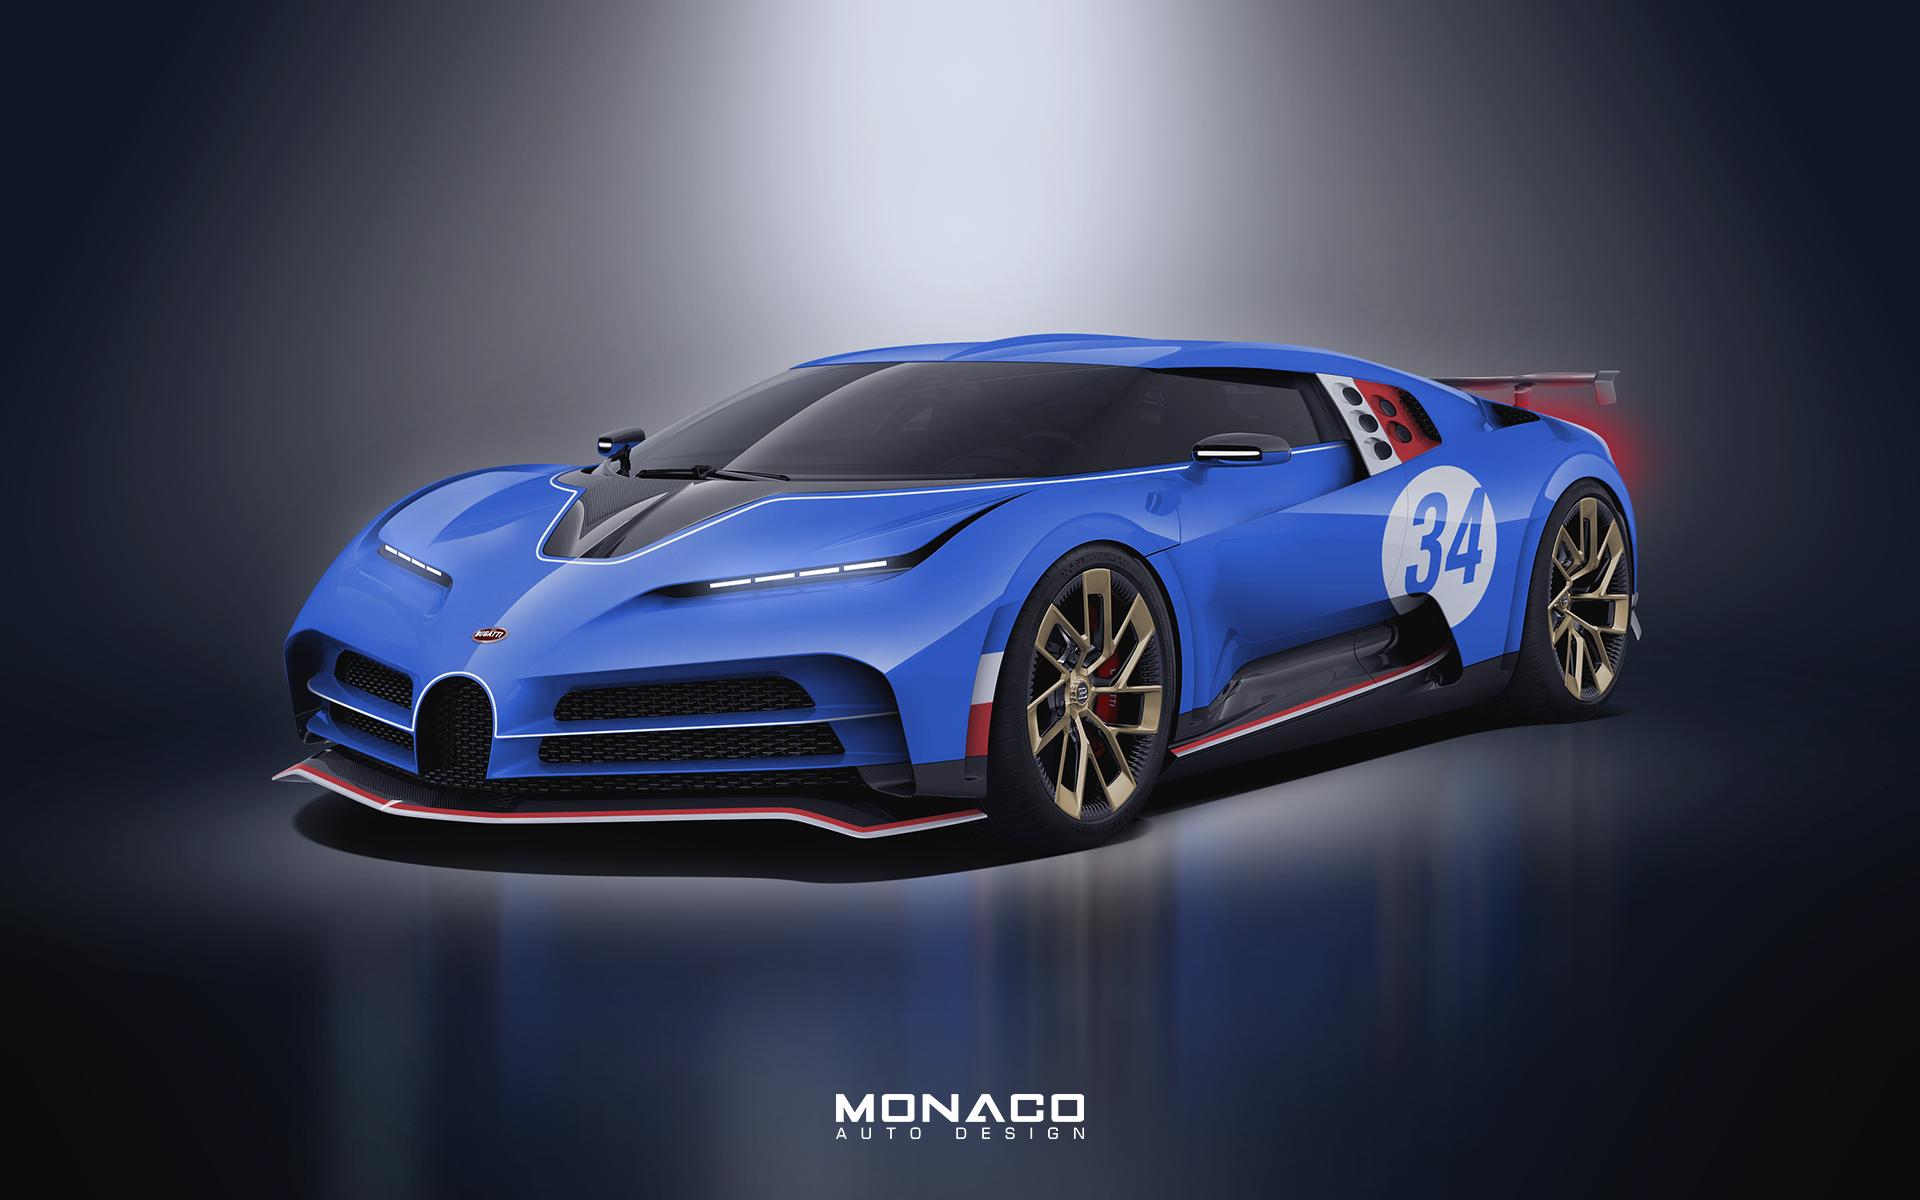 bugatti_centodieci_1920x1200_monaco_auto_design.png